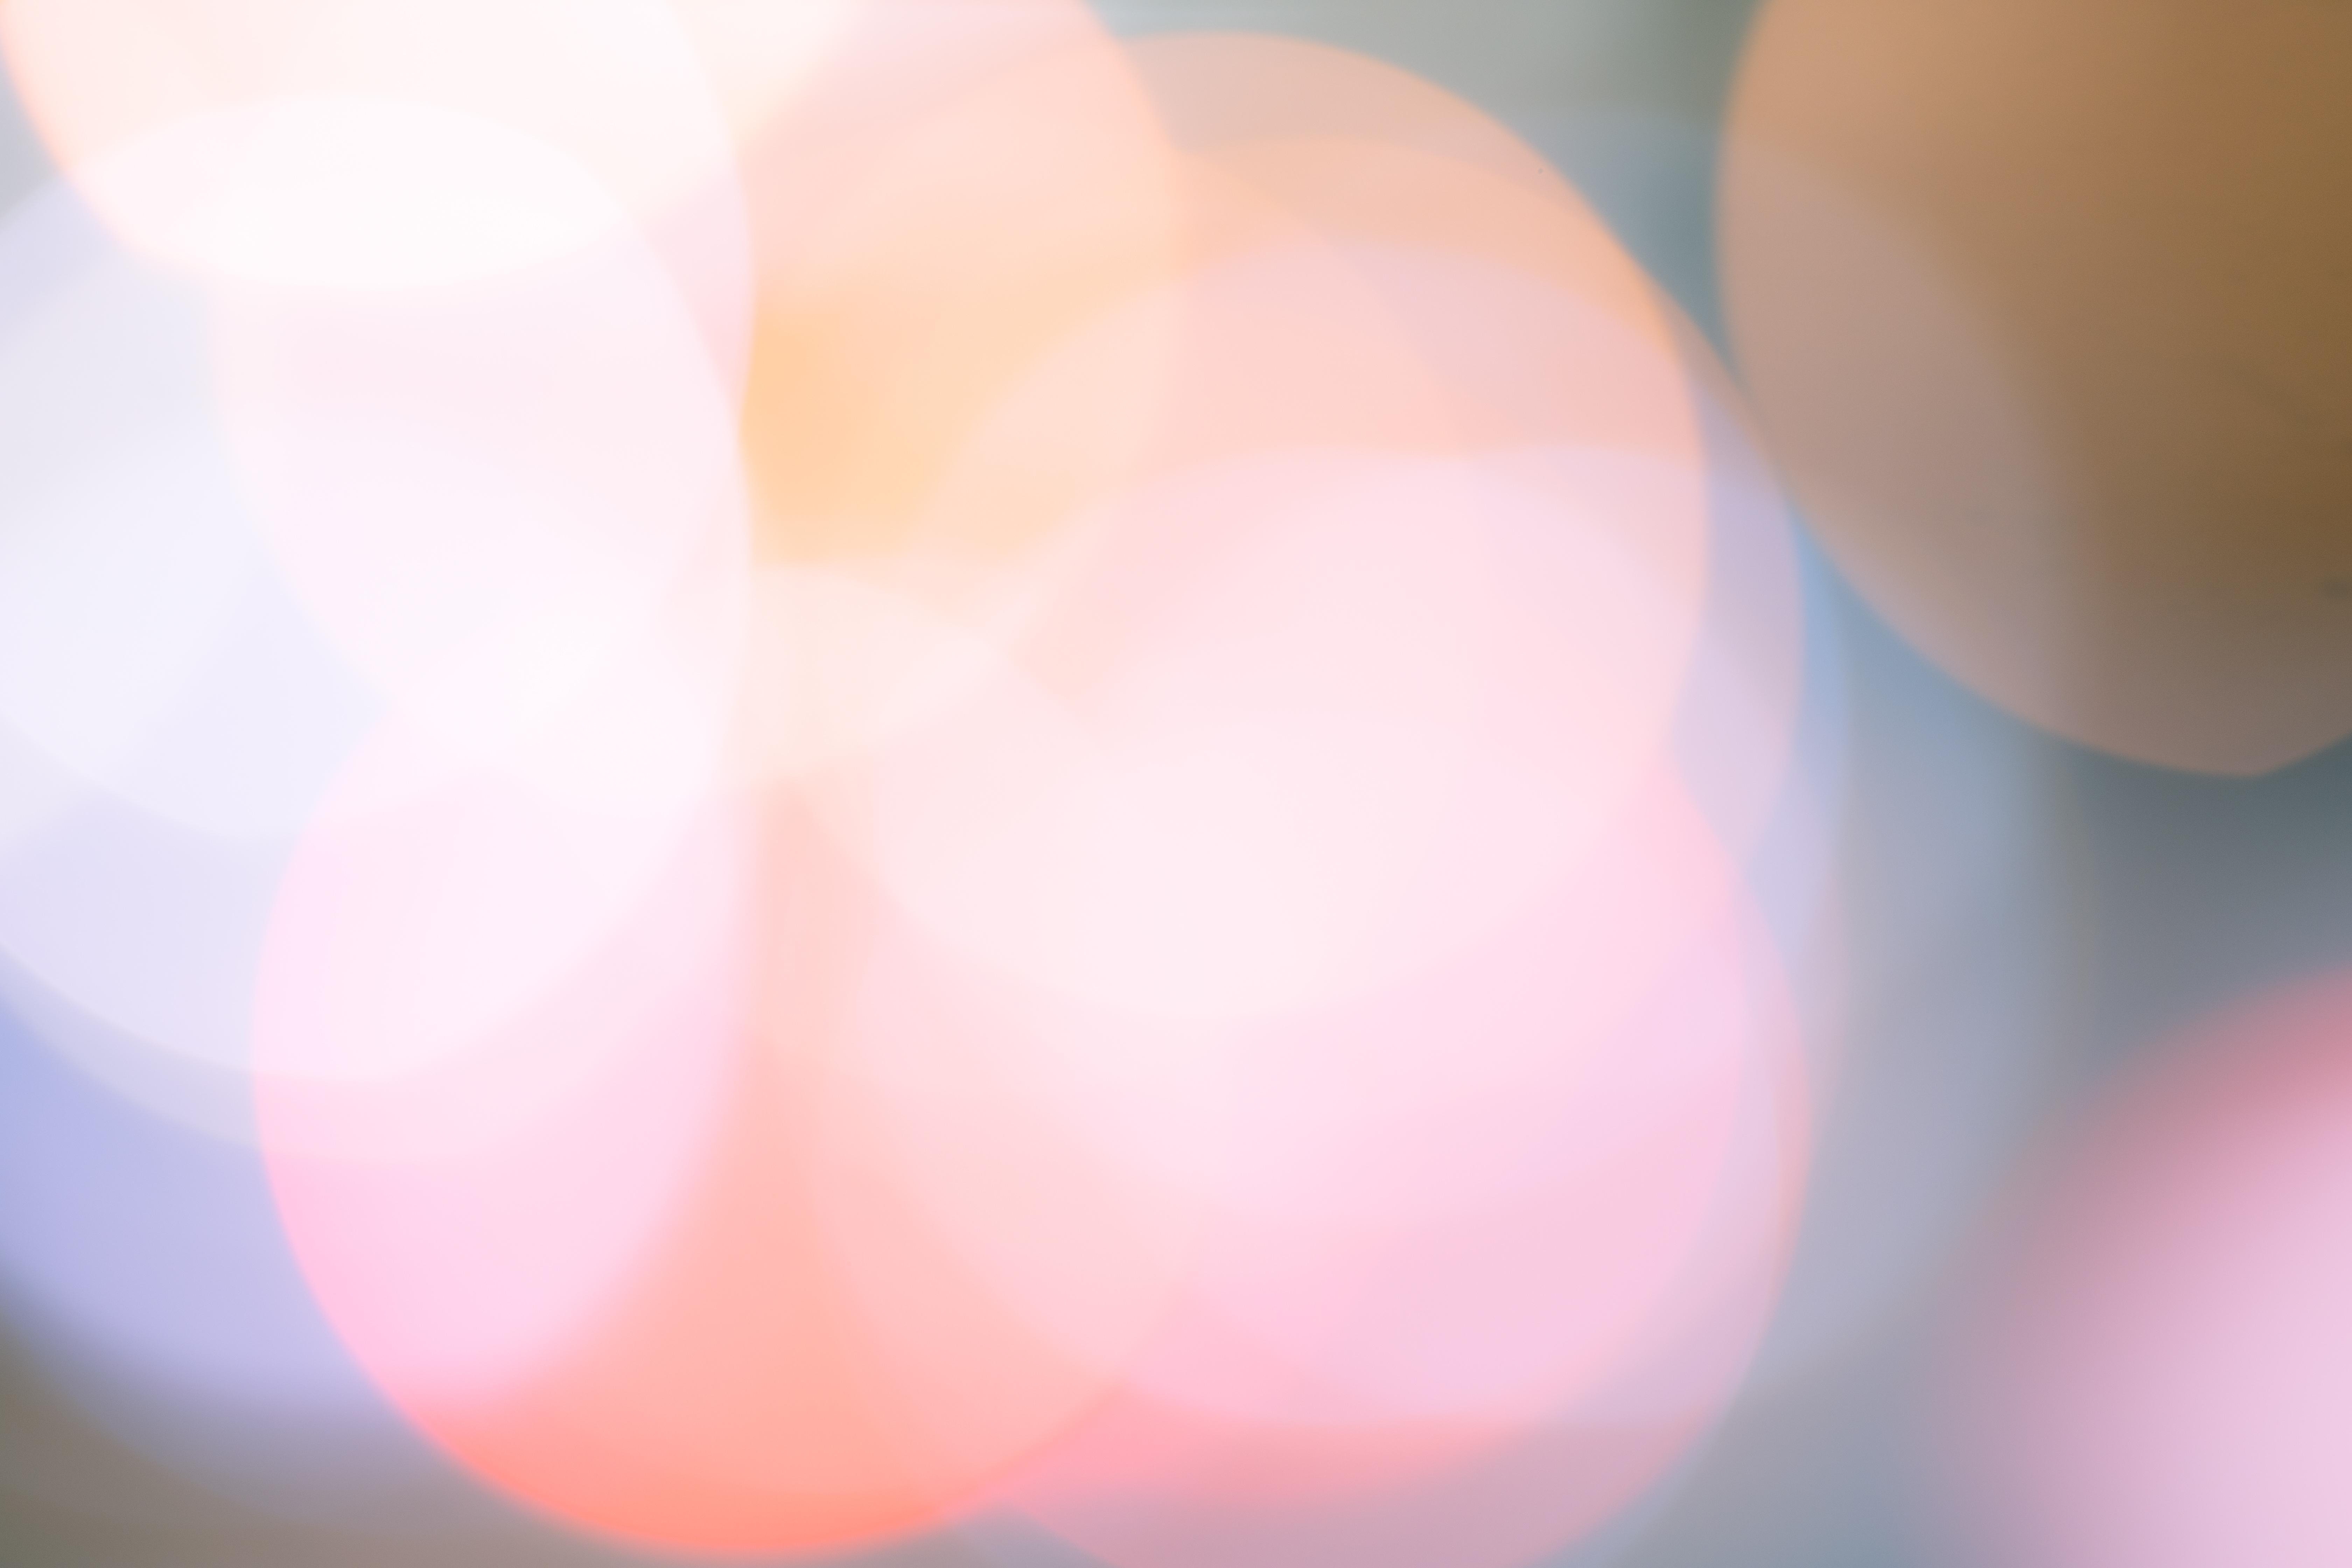 色あせた丸ボケの写真